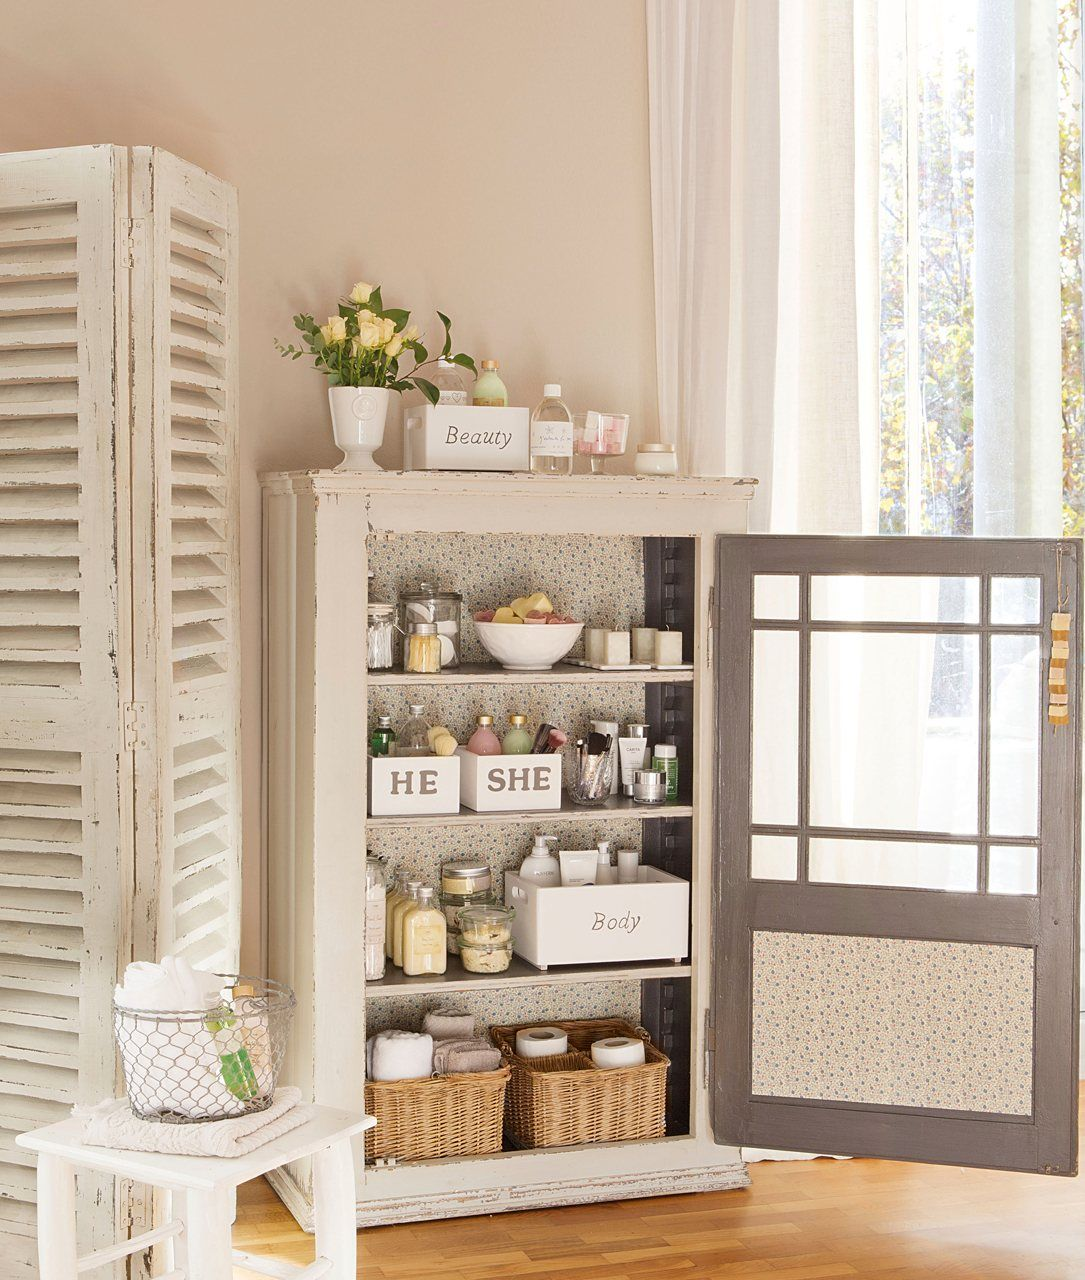 Un peque o armario para el ba o un armario de apenas 30 cm de fondo es suficiente para geles y - Armarios pequenos para banos ...